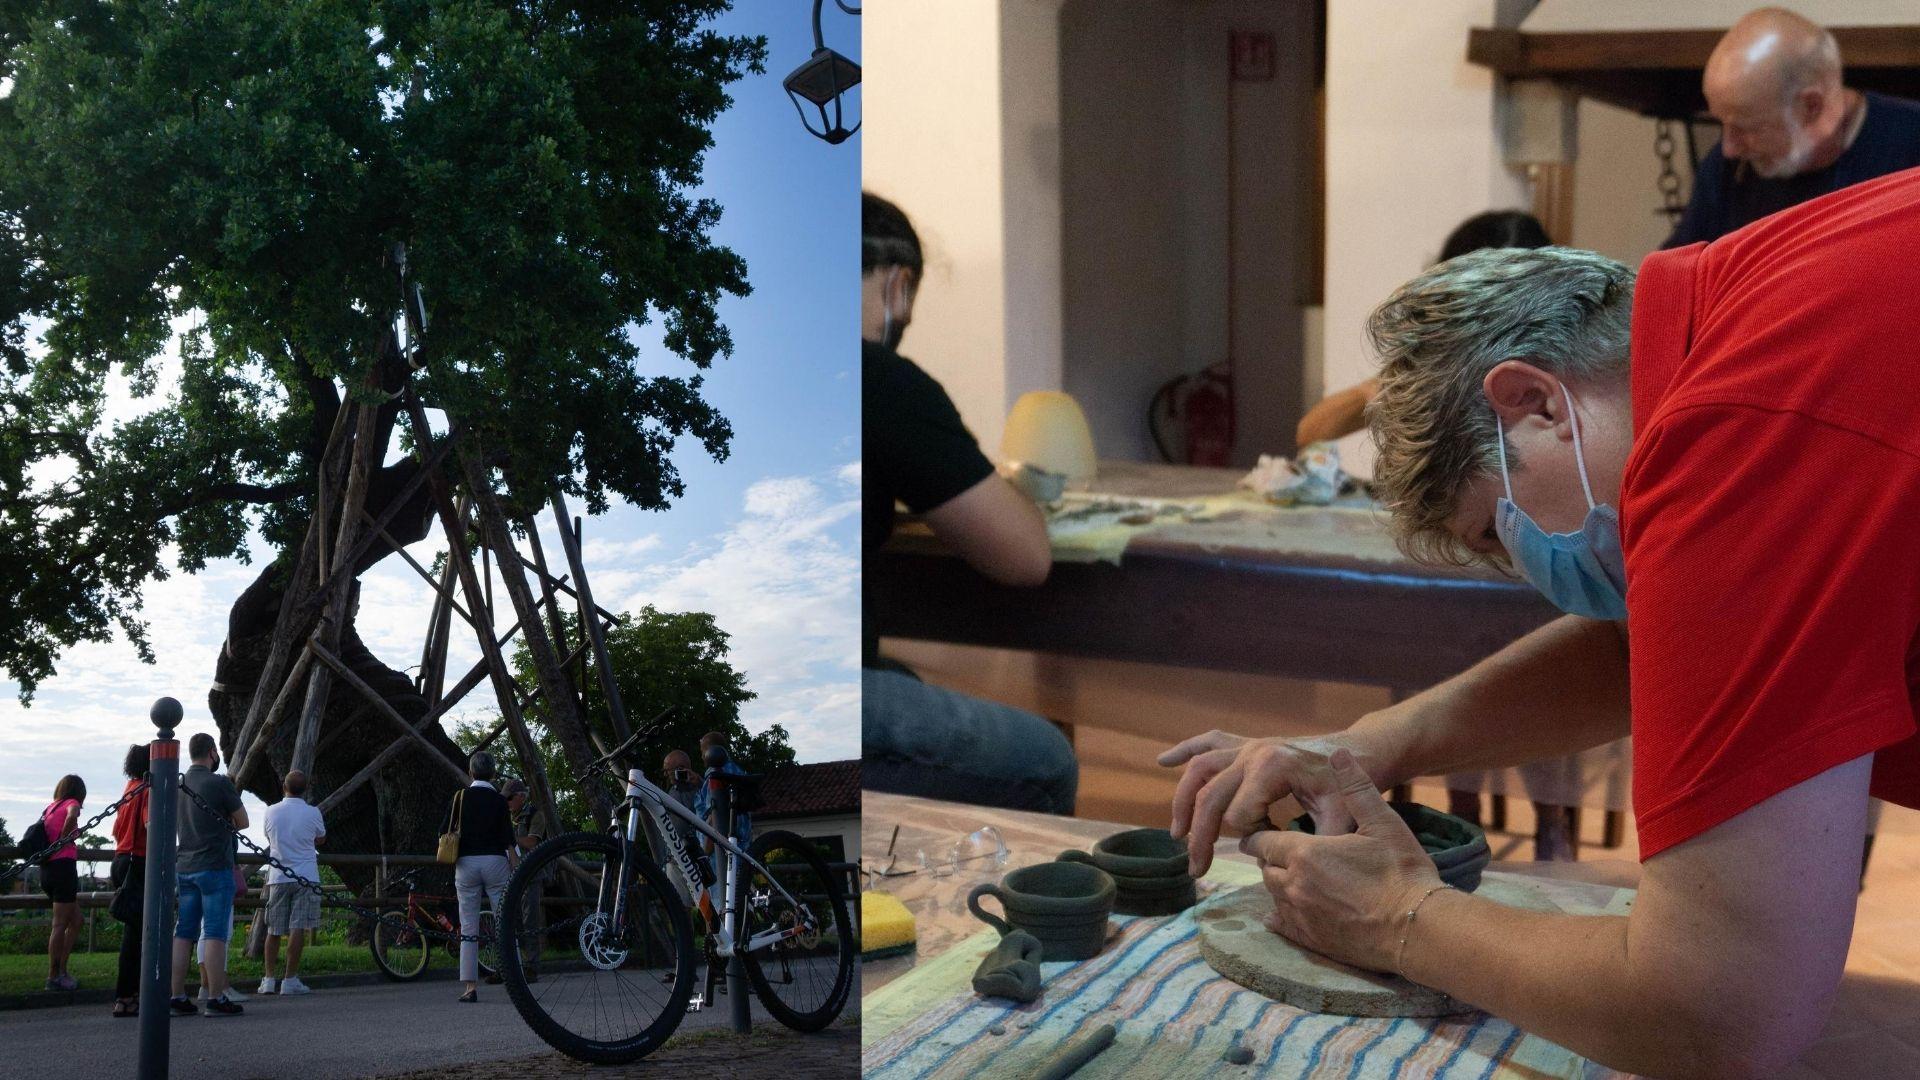 Pedalate guidate, corsi e fiere a Fossalta di Portogruaro